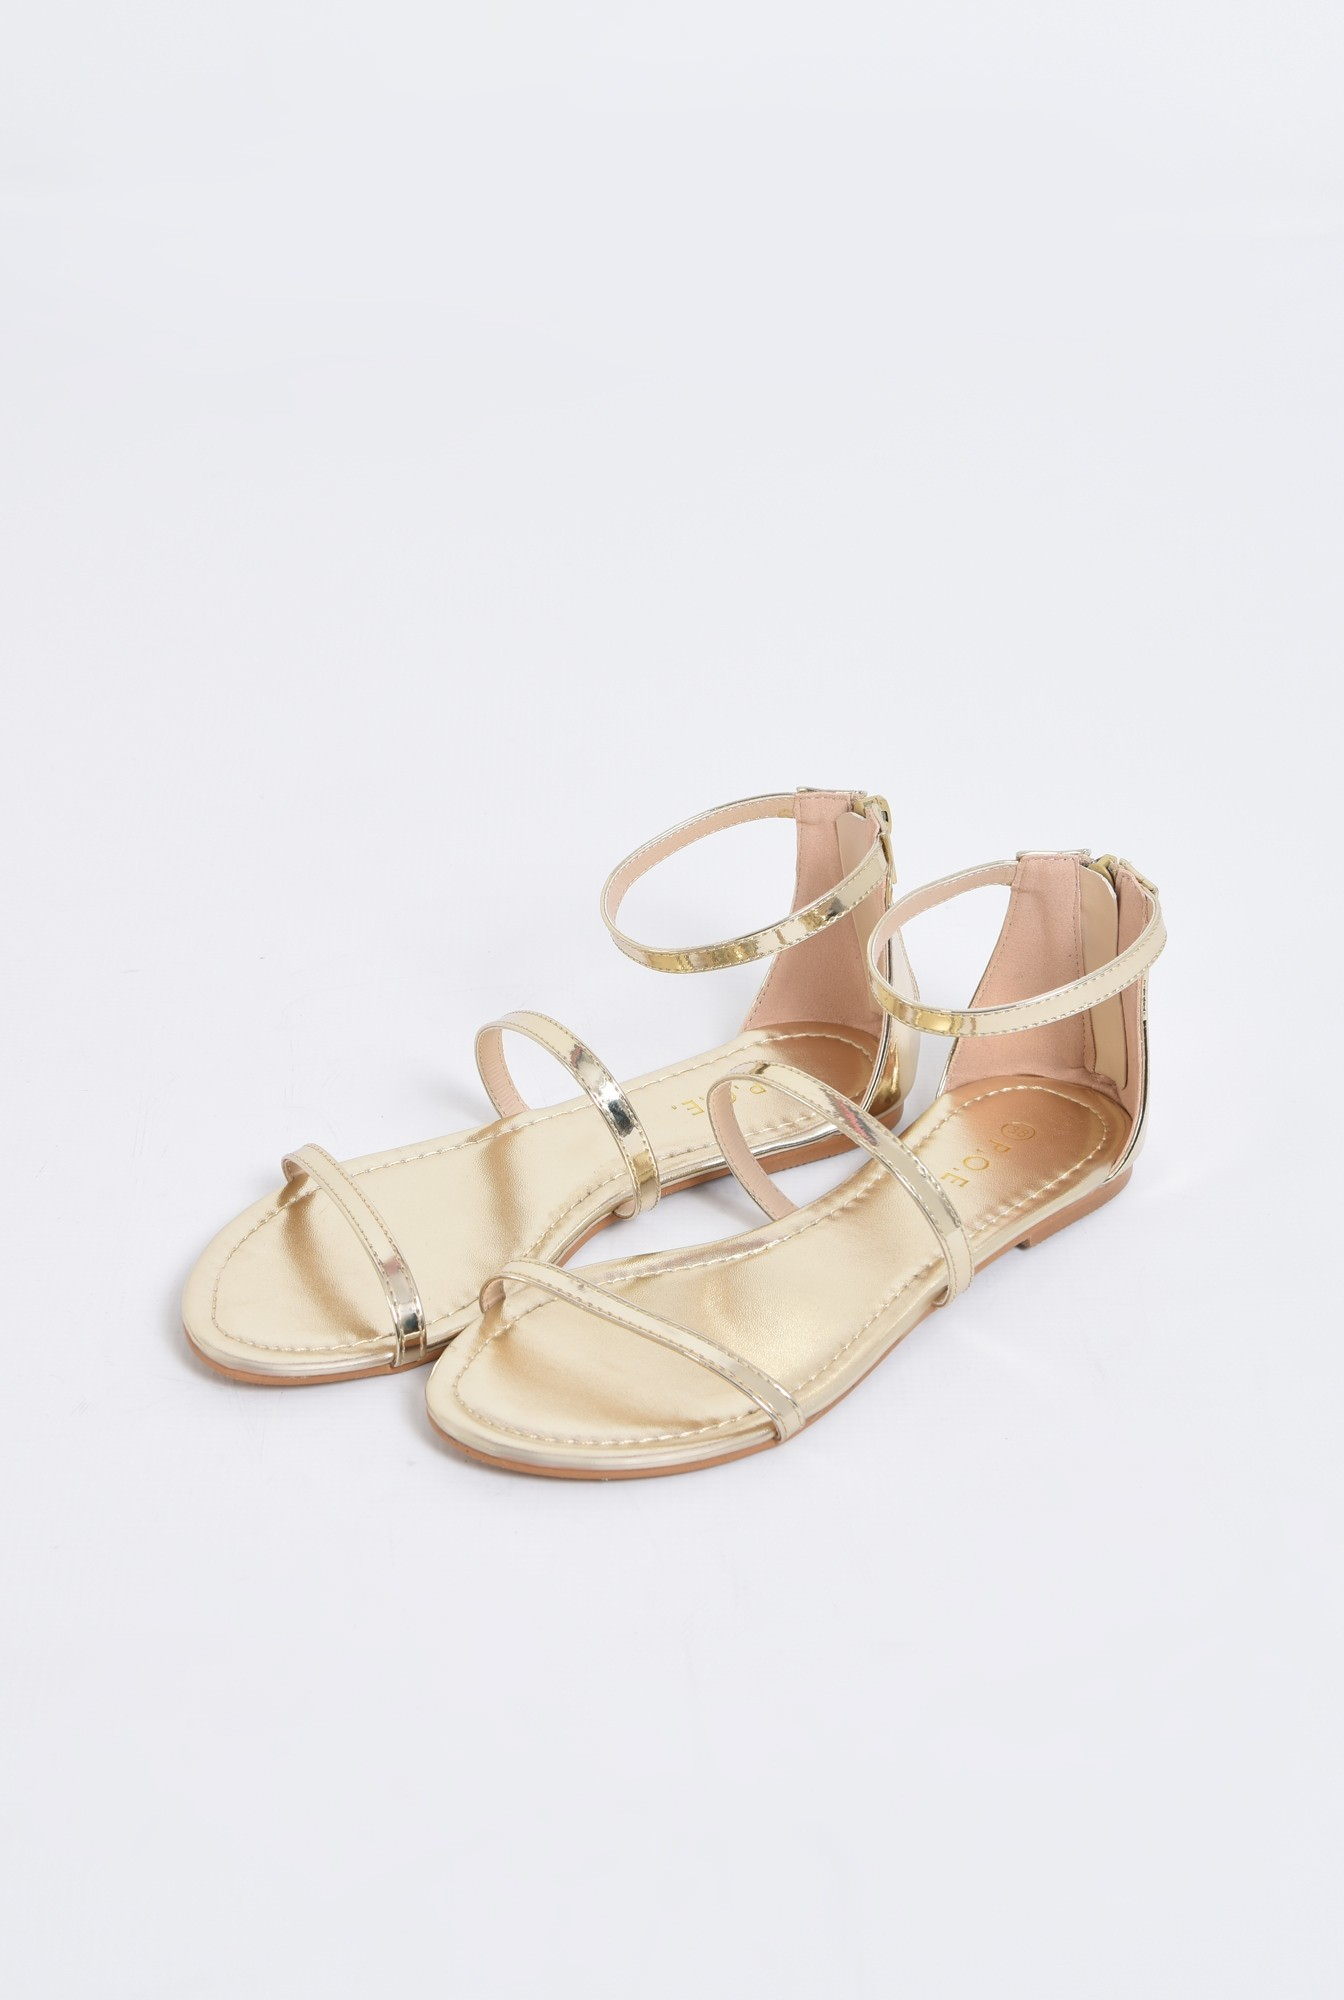 1 - sandale casual, aurii, cu barete subtiri